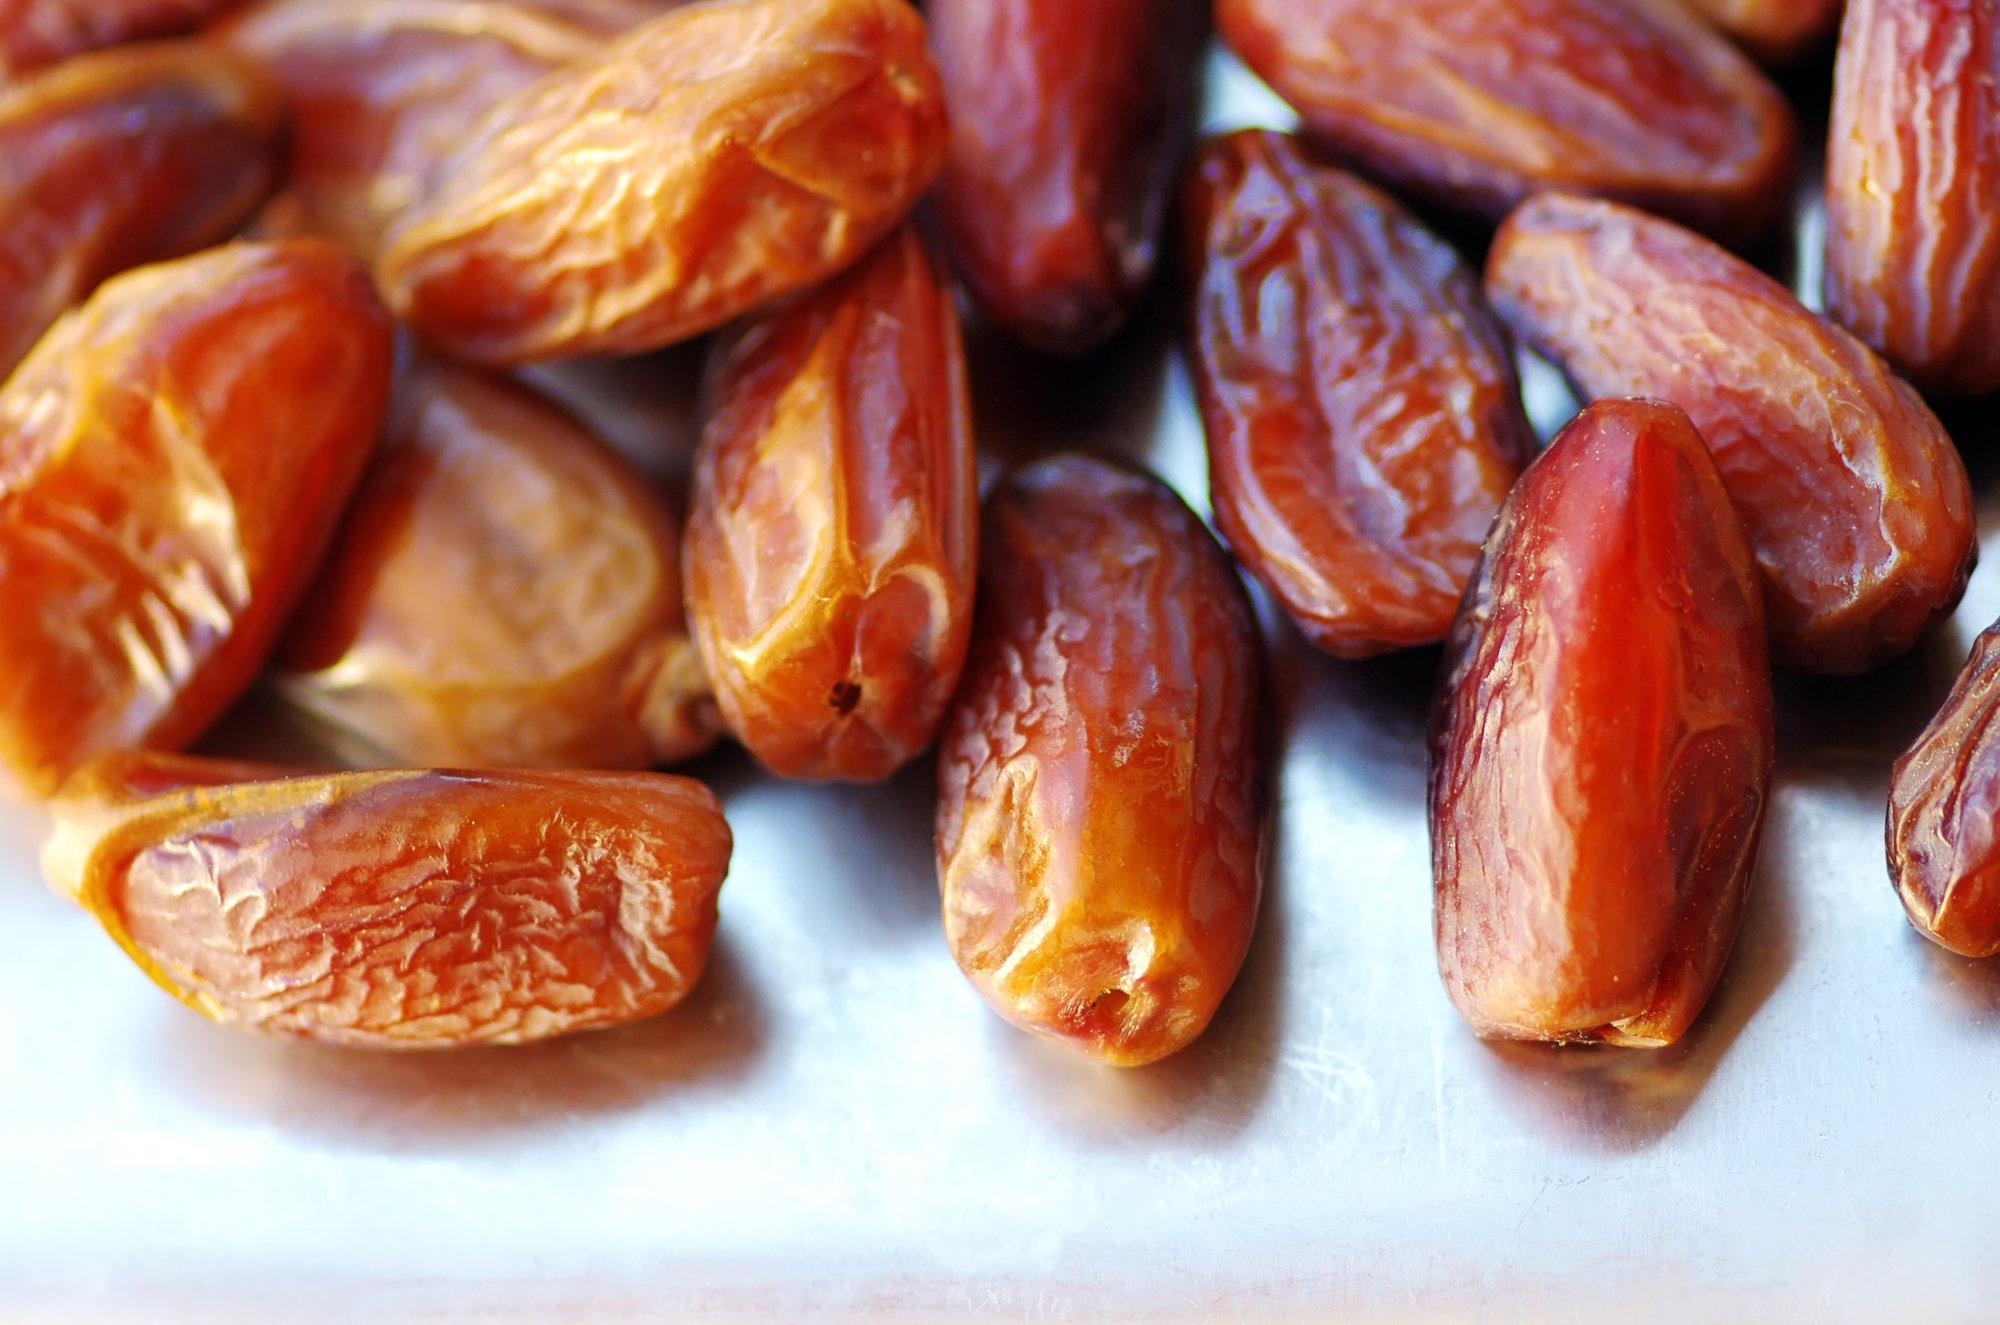 depositphotos 36132633 l 2015.jpg?resize=1200,630 - Mangez des dattes : On vous explique pourquoi c'est bon pour vous!